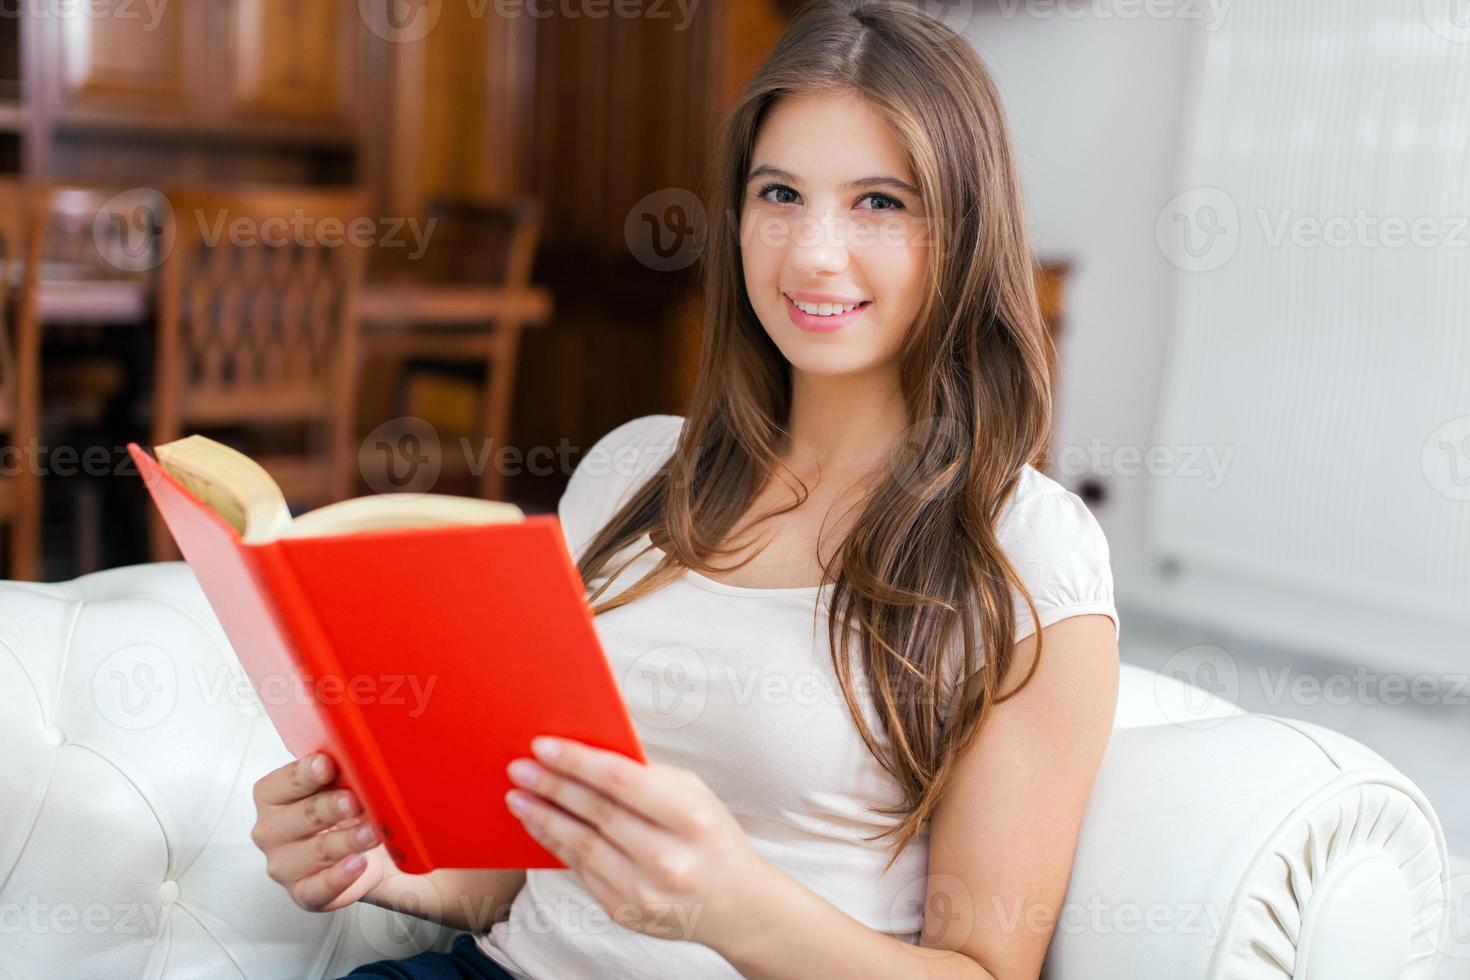 donna che legge un libro mentre vi rilassate sul divano foto